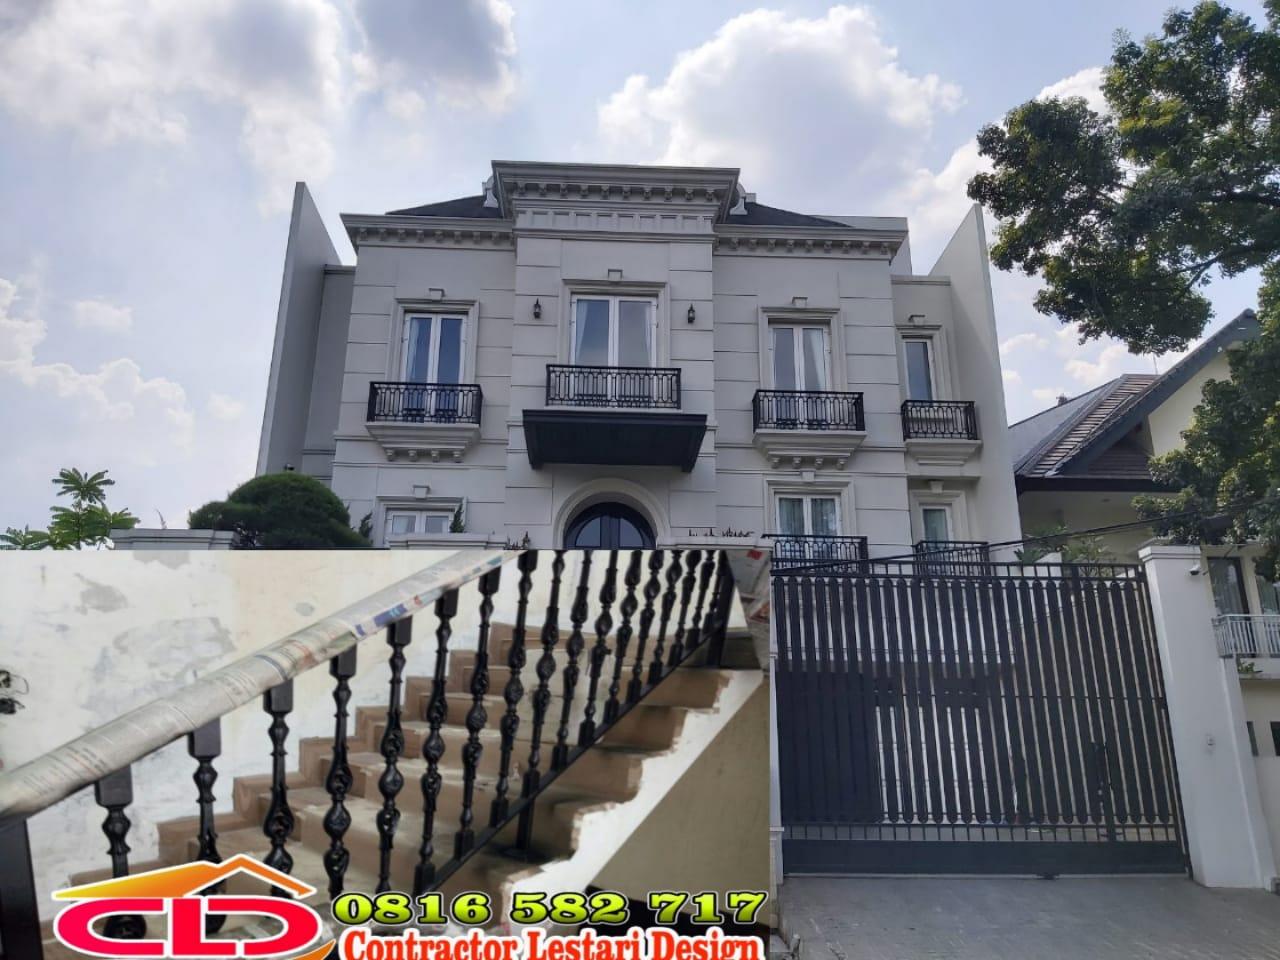 railing tangga klasik moderen,railing balkon,klasik,railing tangga klasik minimalis